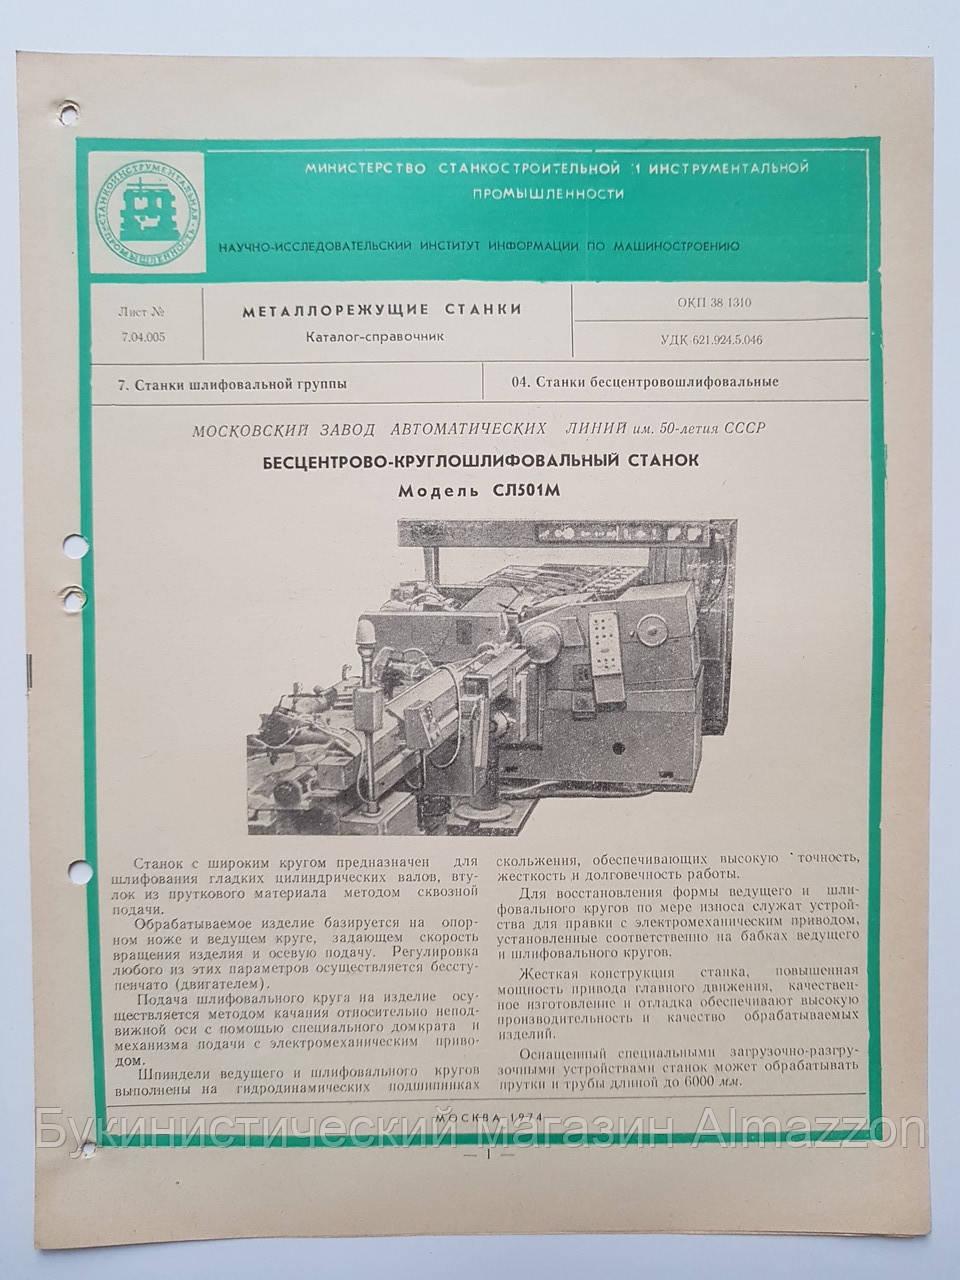 Журнал (Бюллетень) Бесцентрово-круглошлифовальный станок СЛ501М  7.04.005